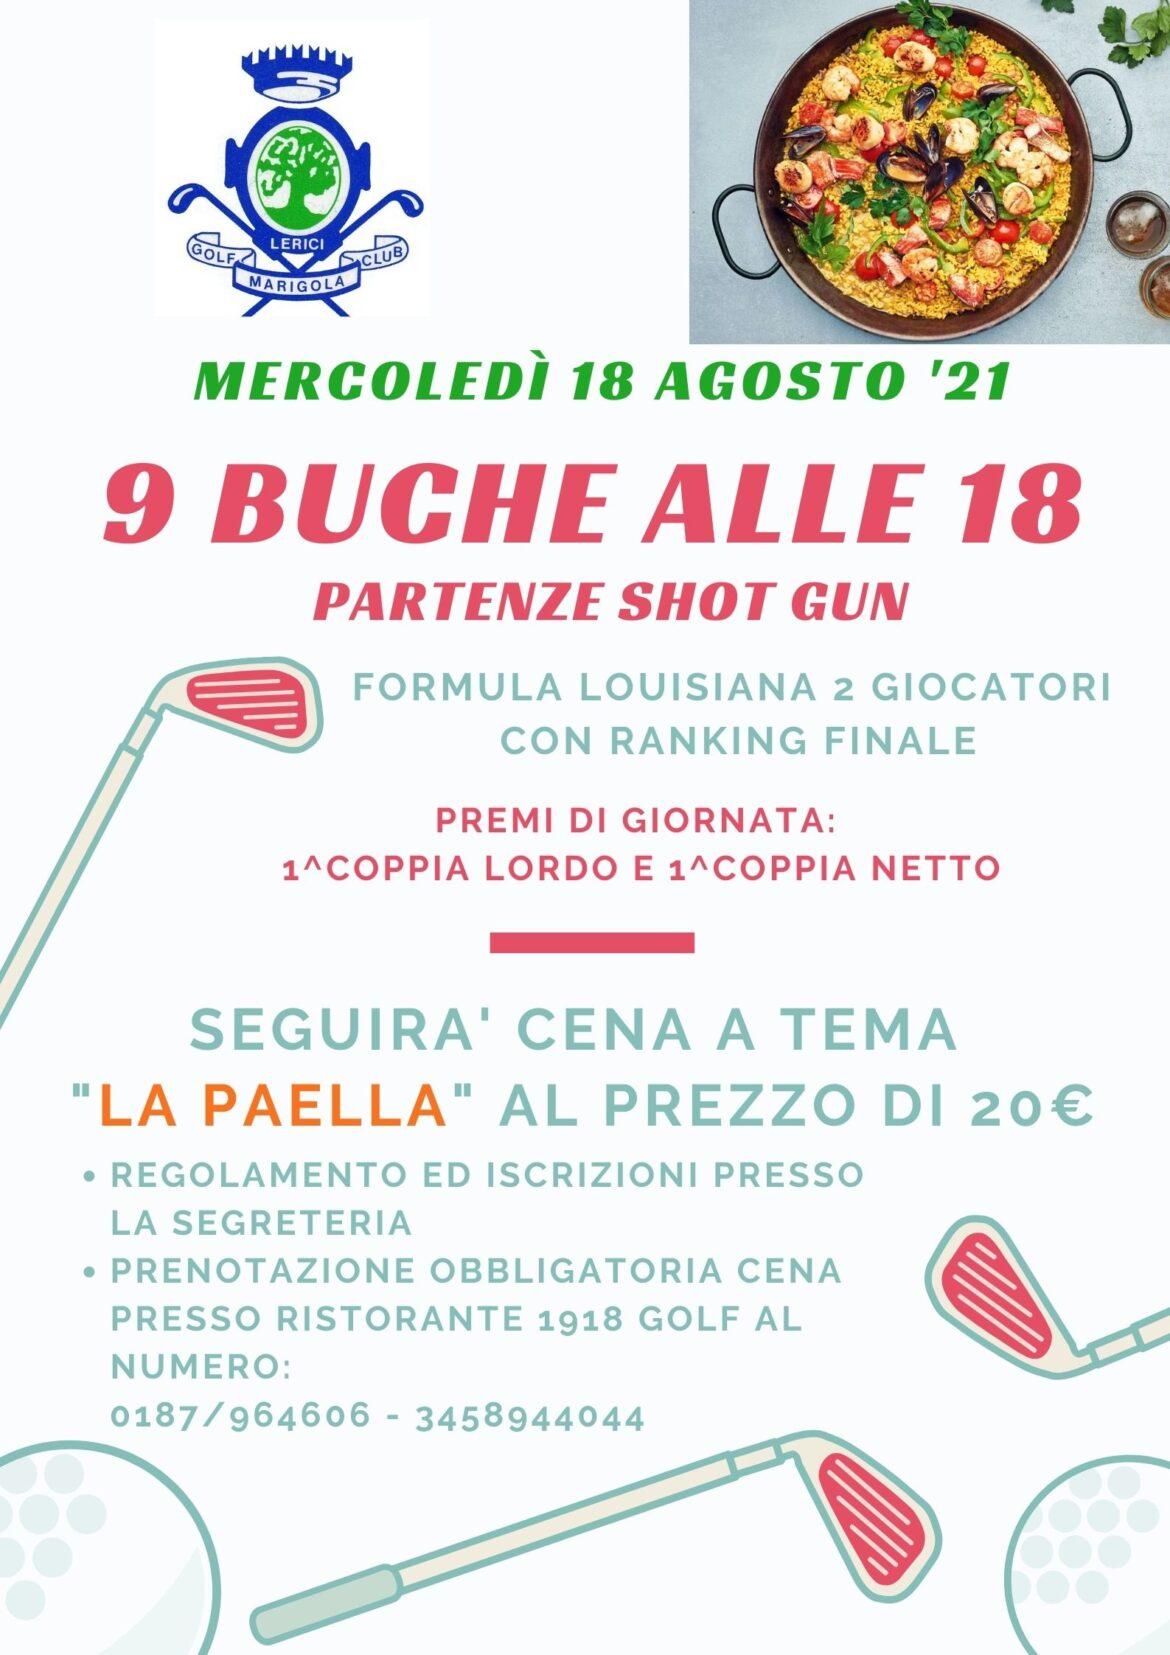 9 BUCHE ALLE 18 – SHOT GUN mercoledì 18 agosto